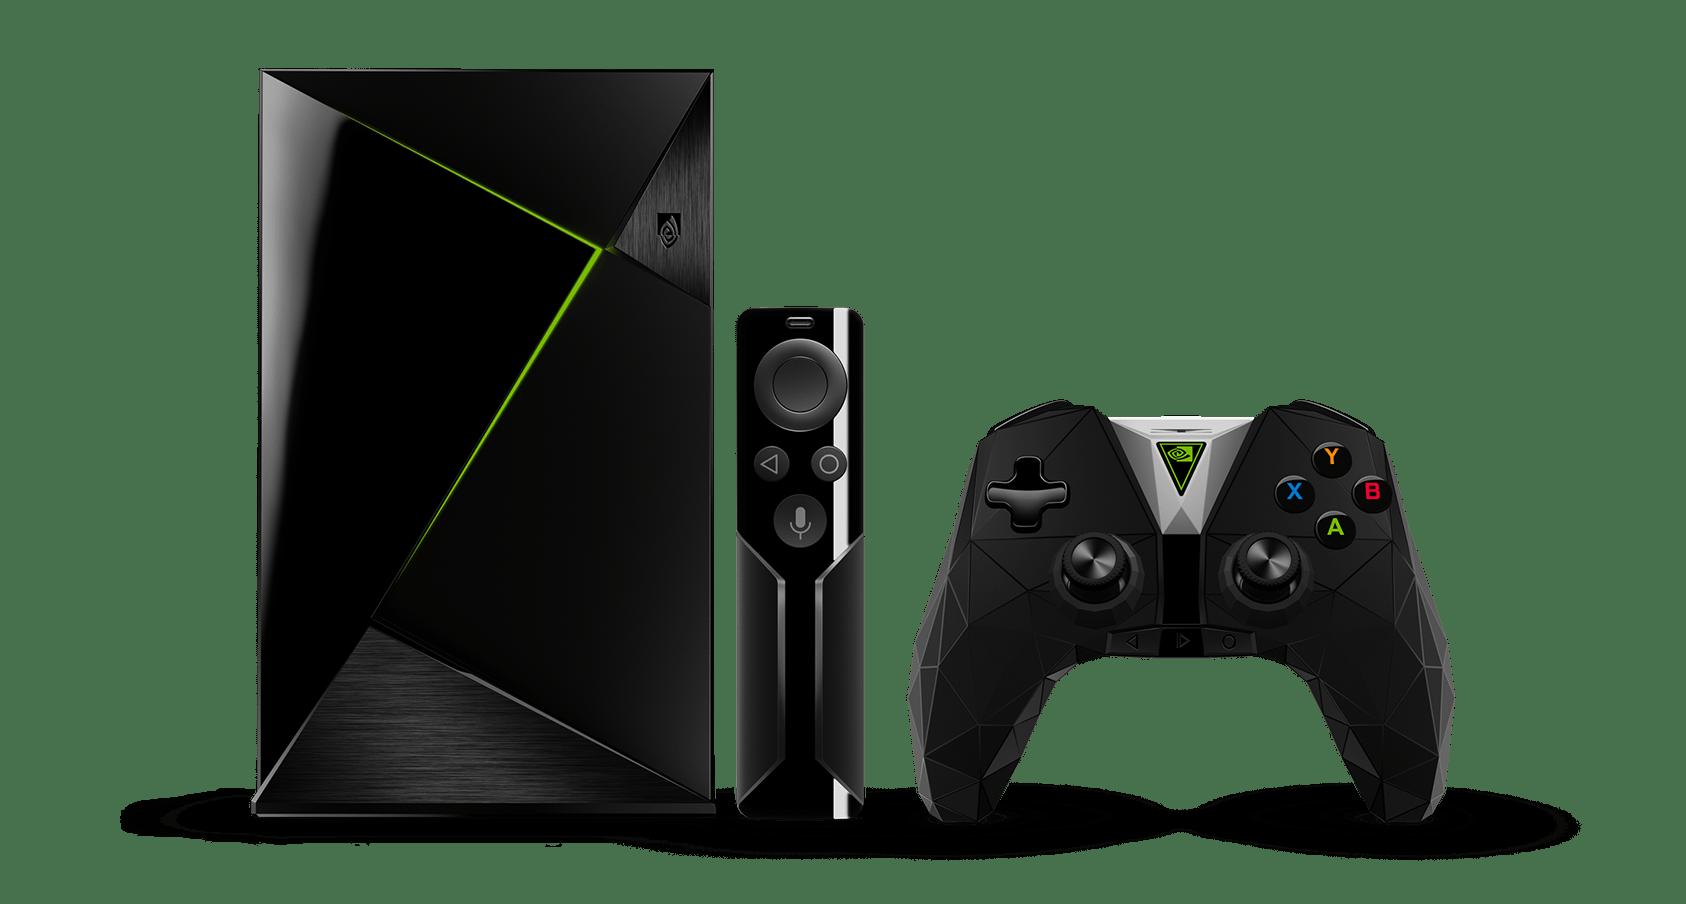 La Nvidia Shield TV – retours après 1 an d'utilisation